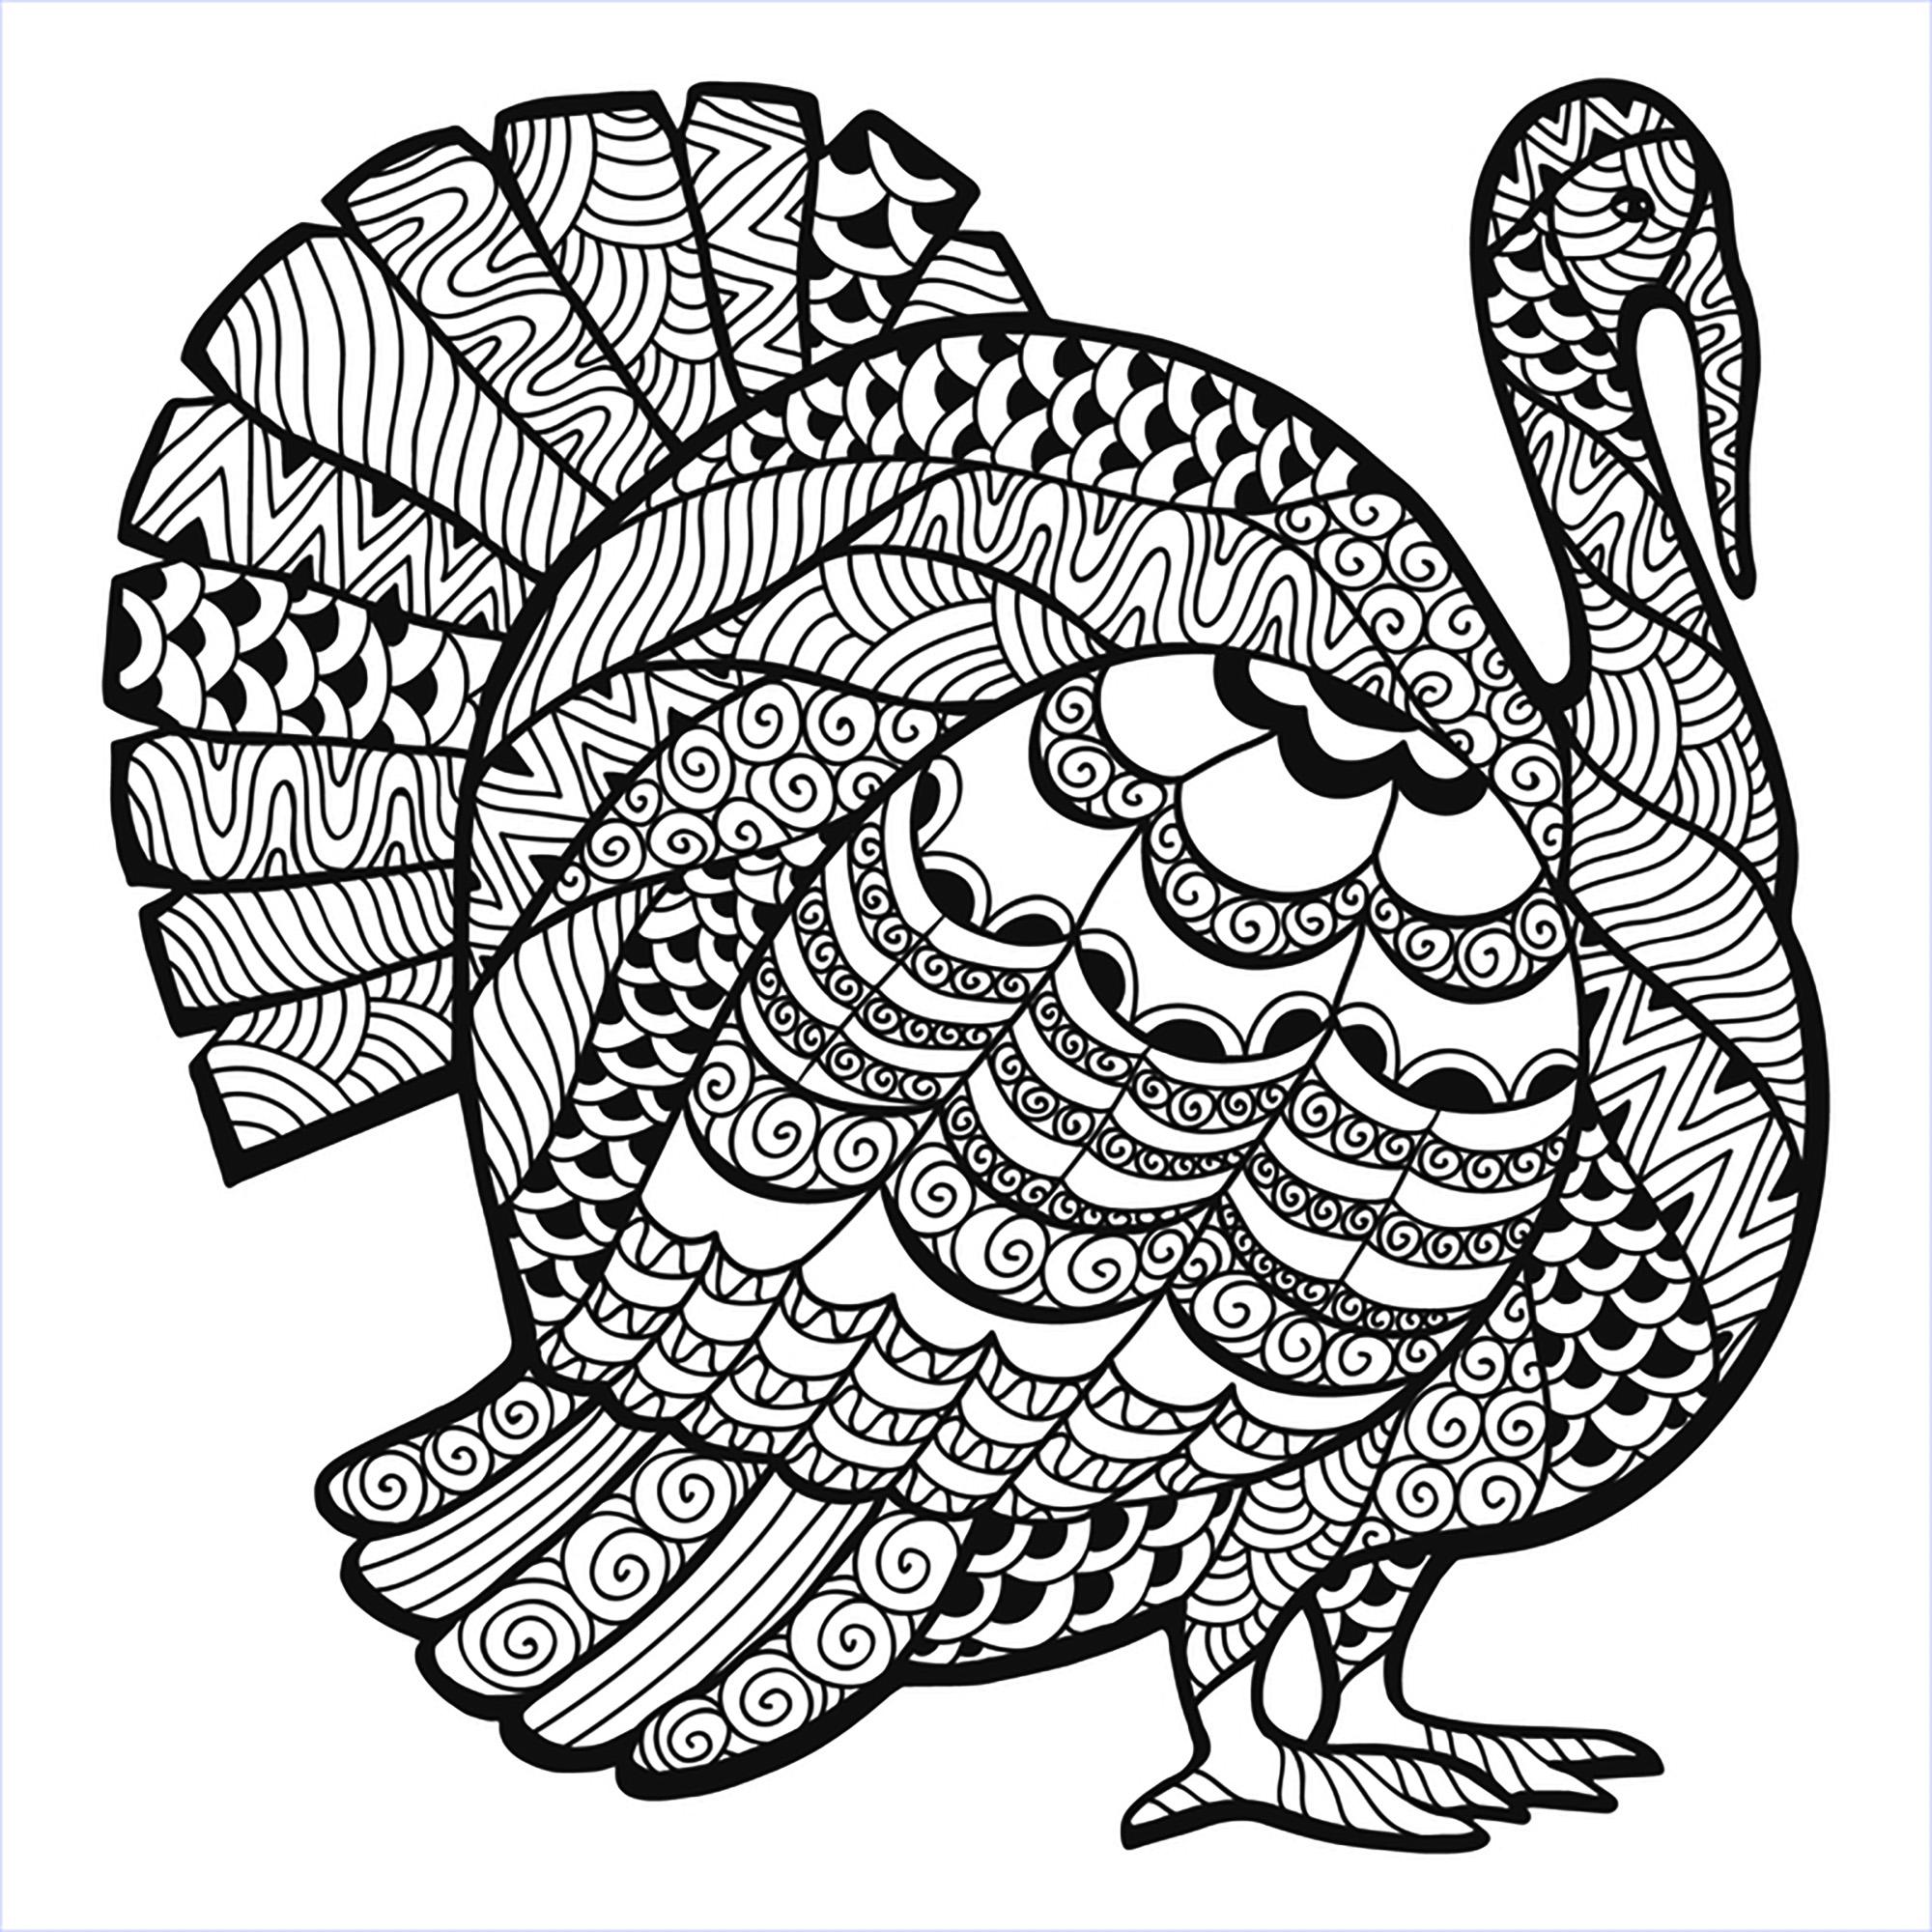 2000x2000 Turkey Zentangle Coloring Sheet